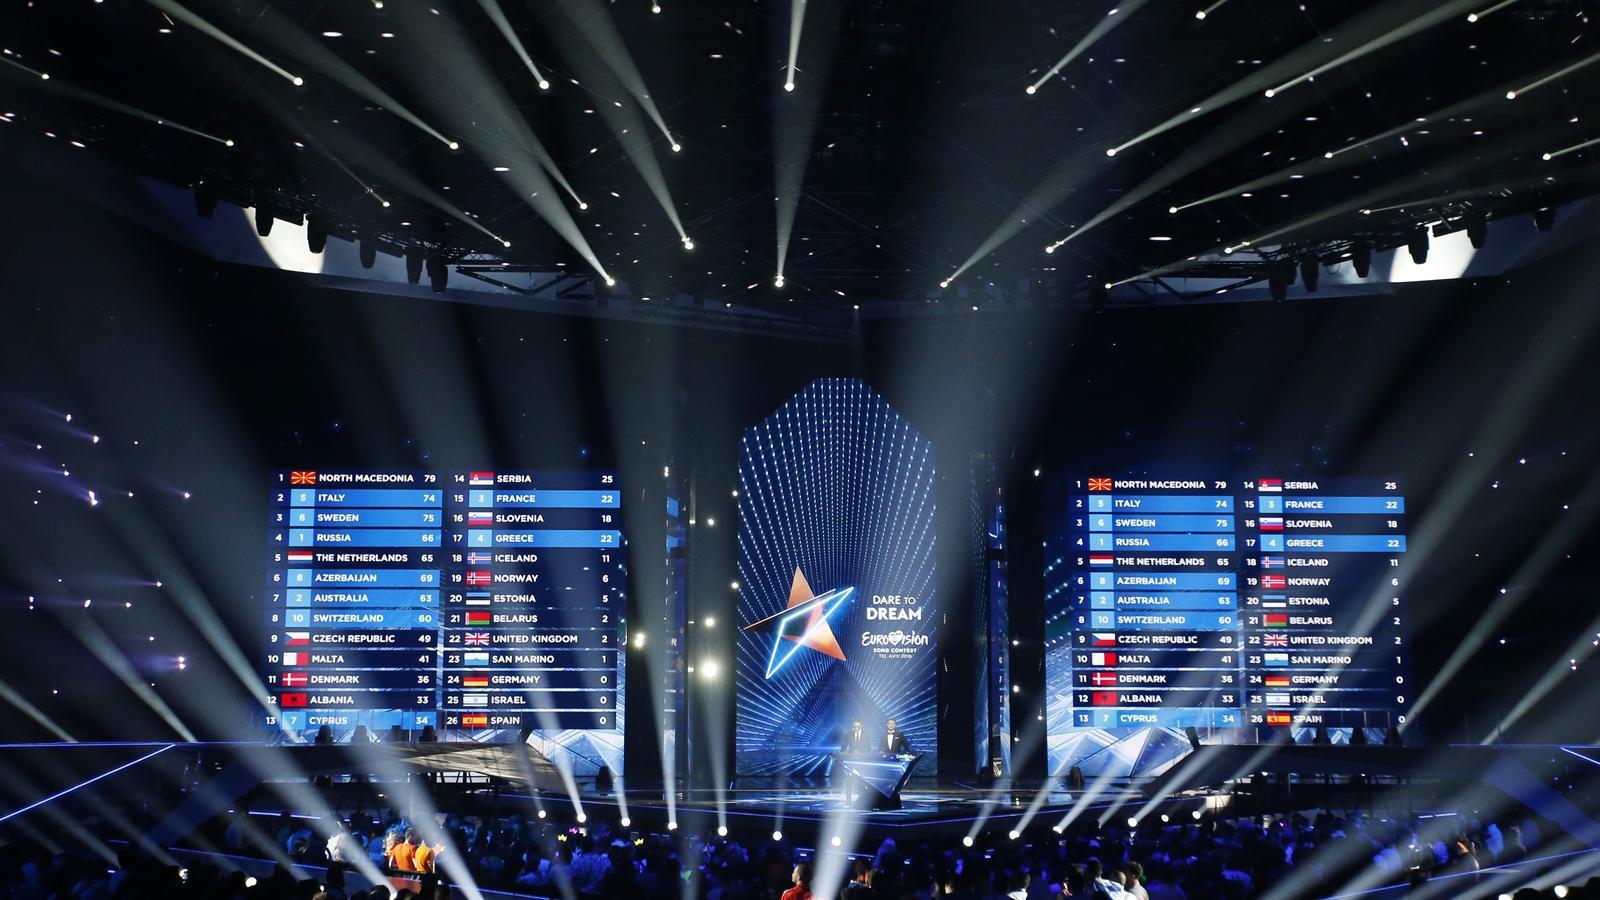 El festival d'Eurovisió, cancel·lat